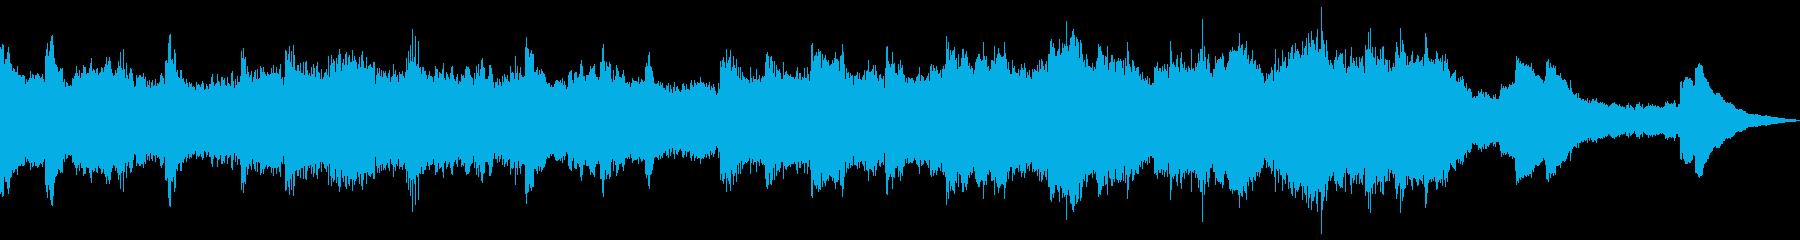 流れるような優雅な冬のホリデー音楽...の再生済みの波形